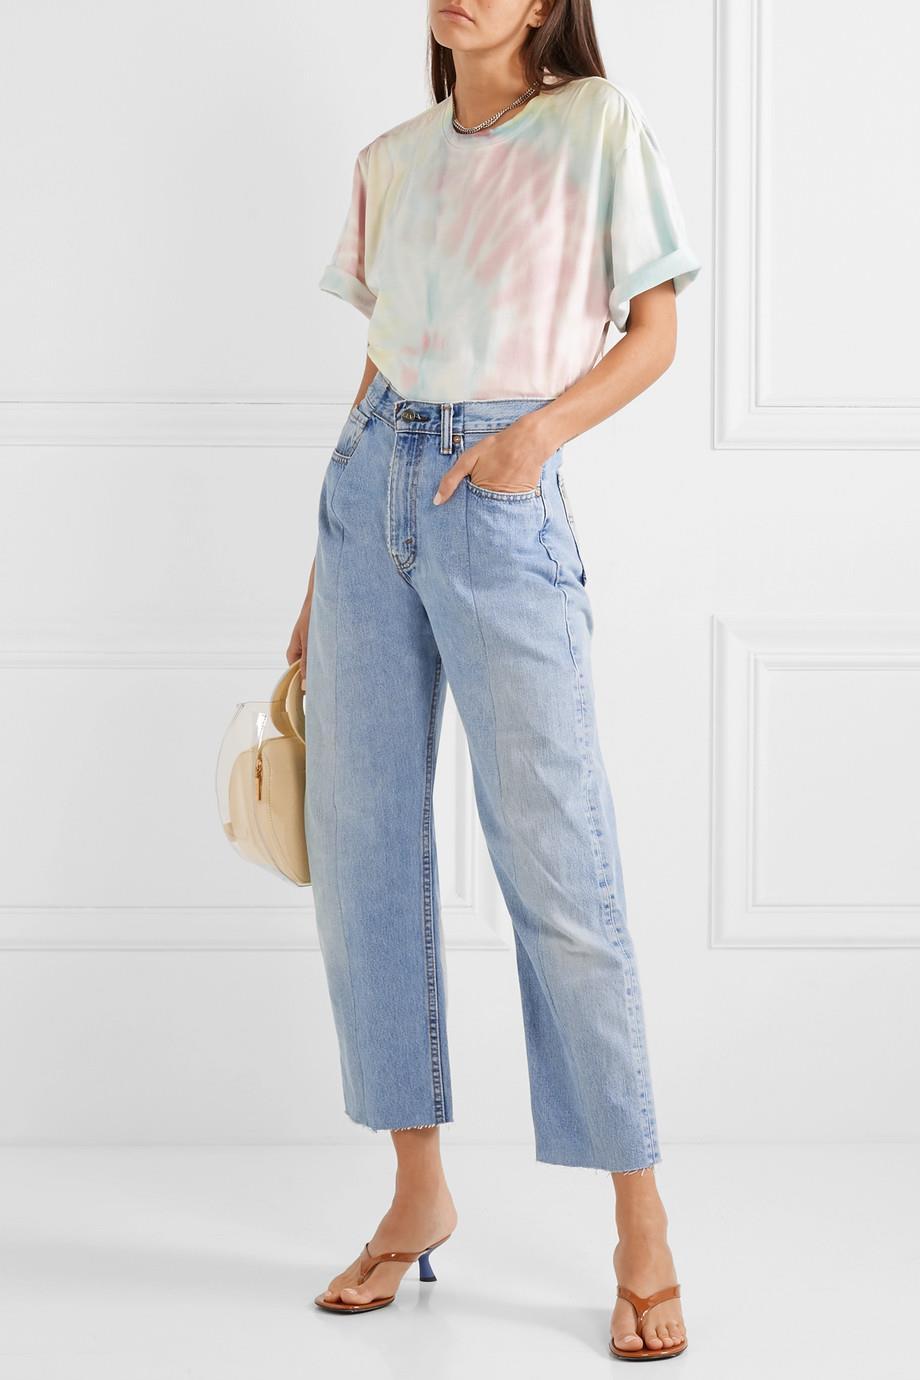 Pin En Tendencias De Moda Pasarela Shopping Y Street Style